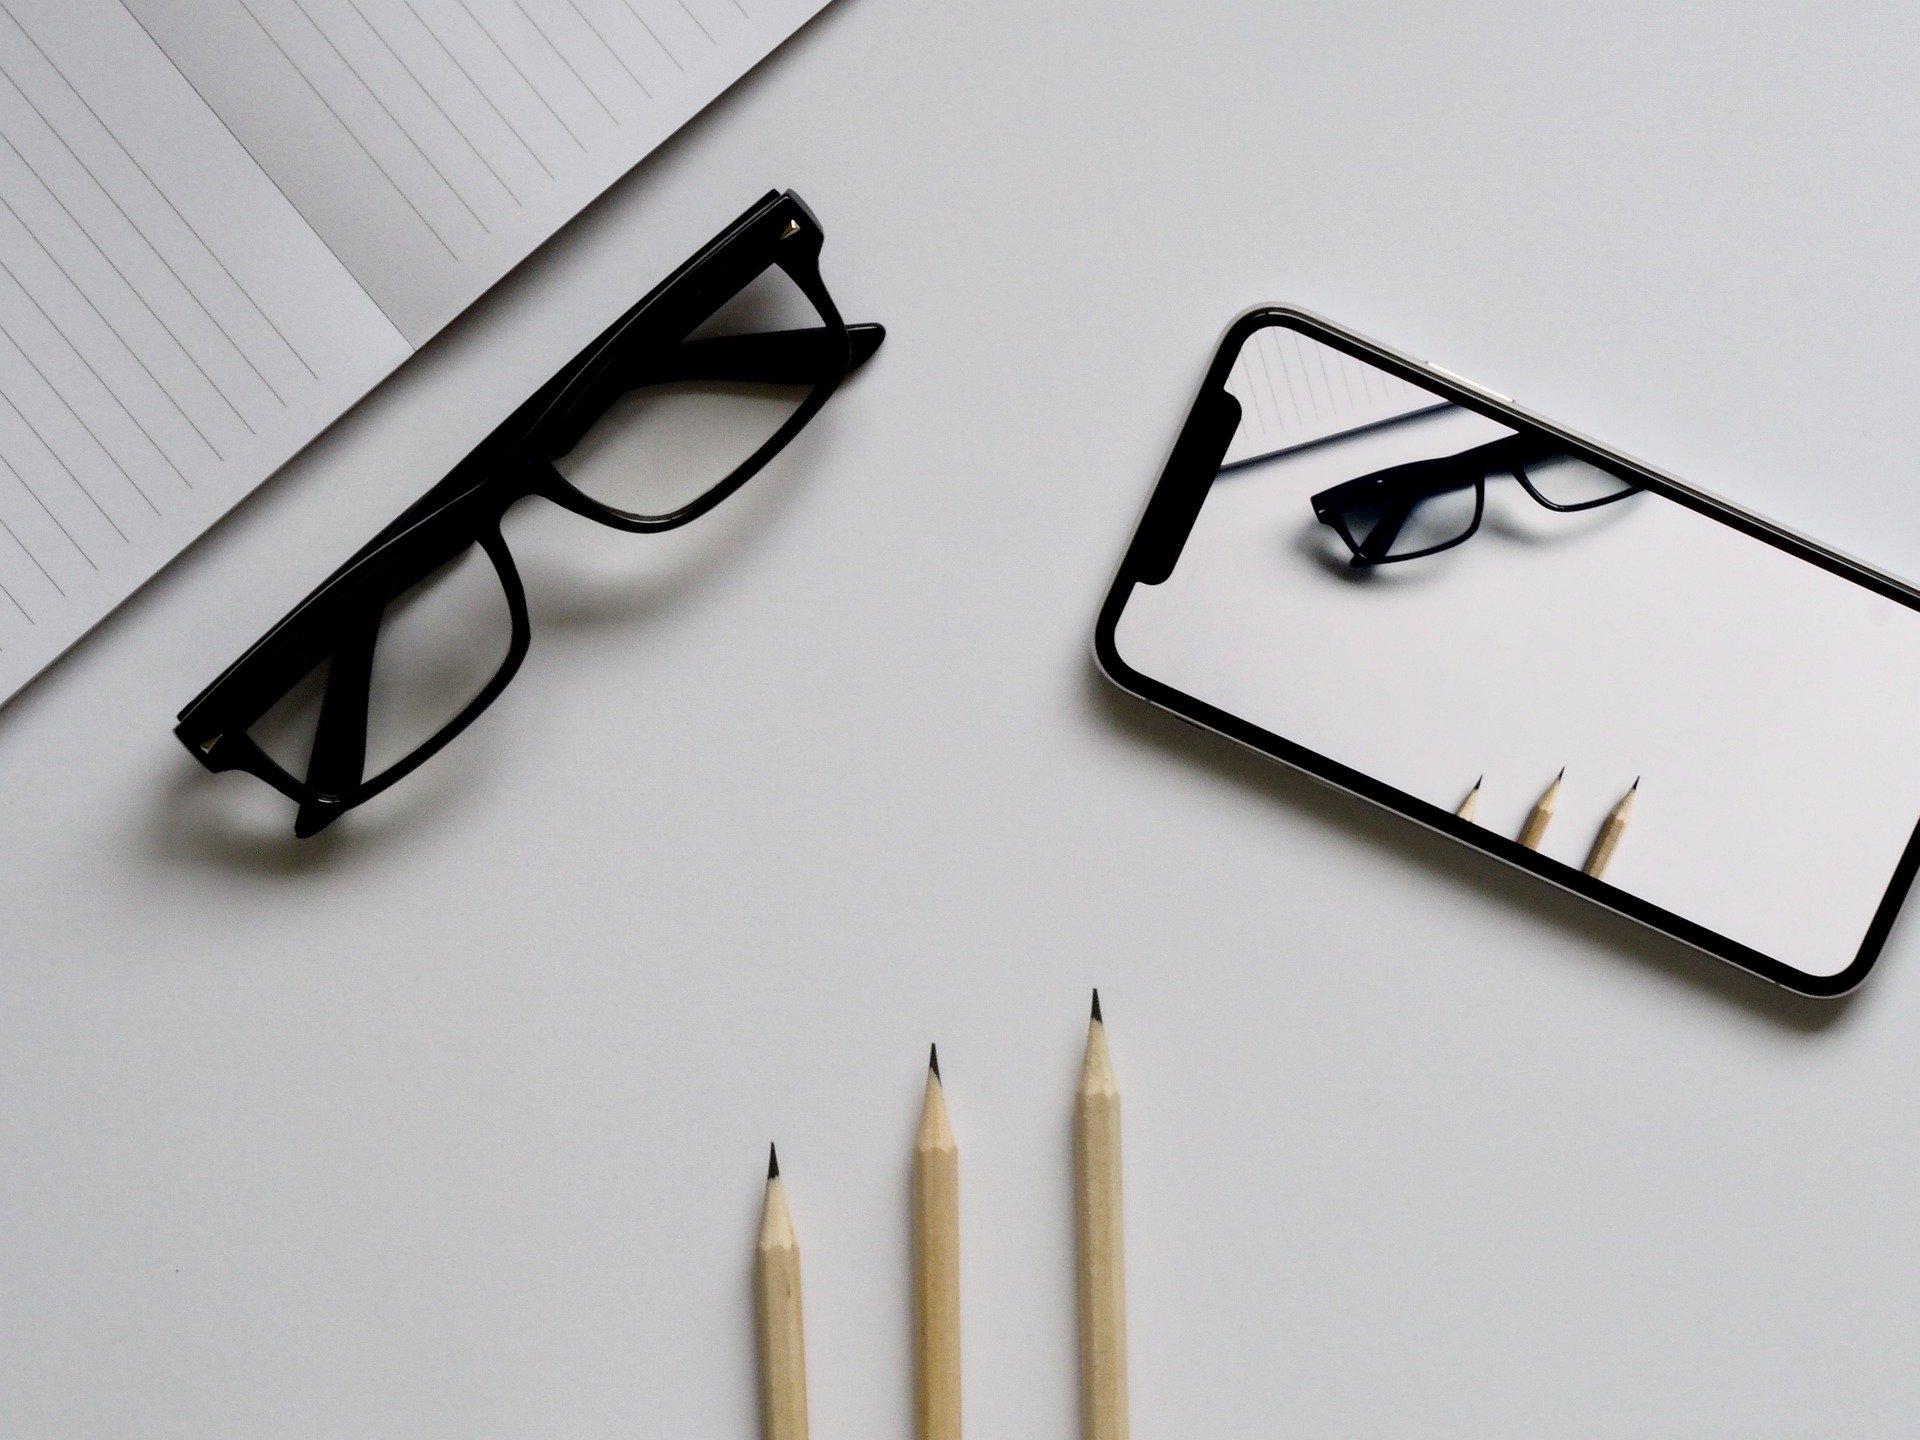 就活で失敗しないメガネの5つの選び方は?顔の輪郭別のフレームやマナーも紹介!